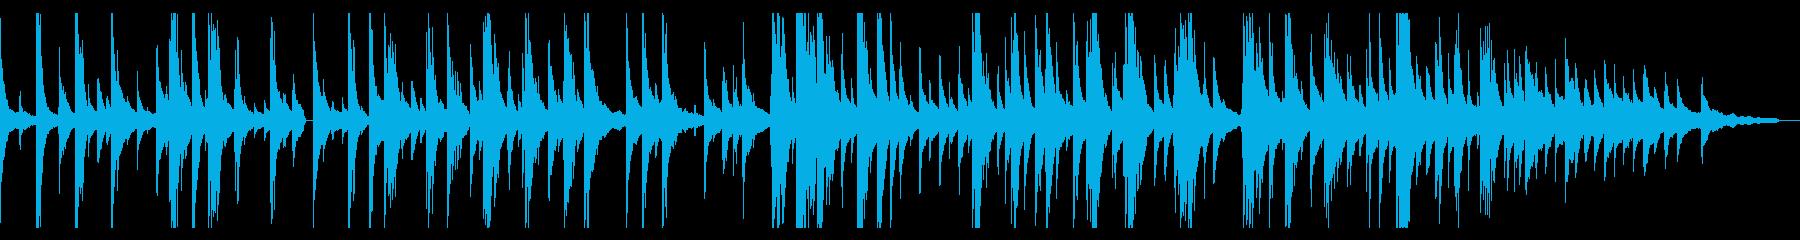 ゆったり静かなジャズピアノバラードソロの再生済みの波形